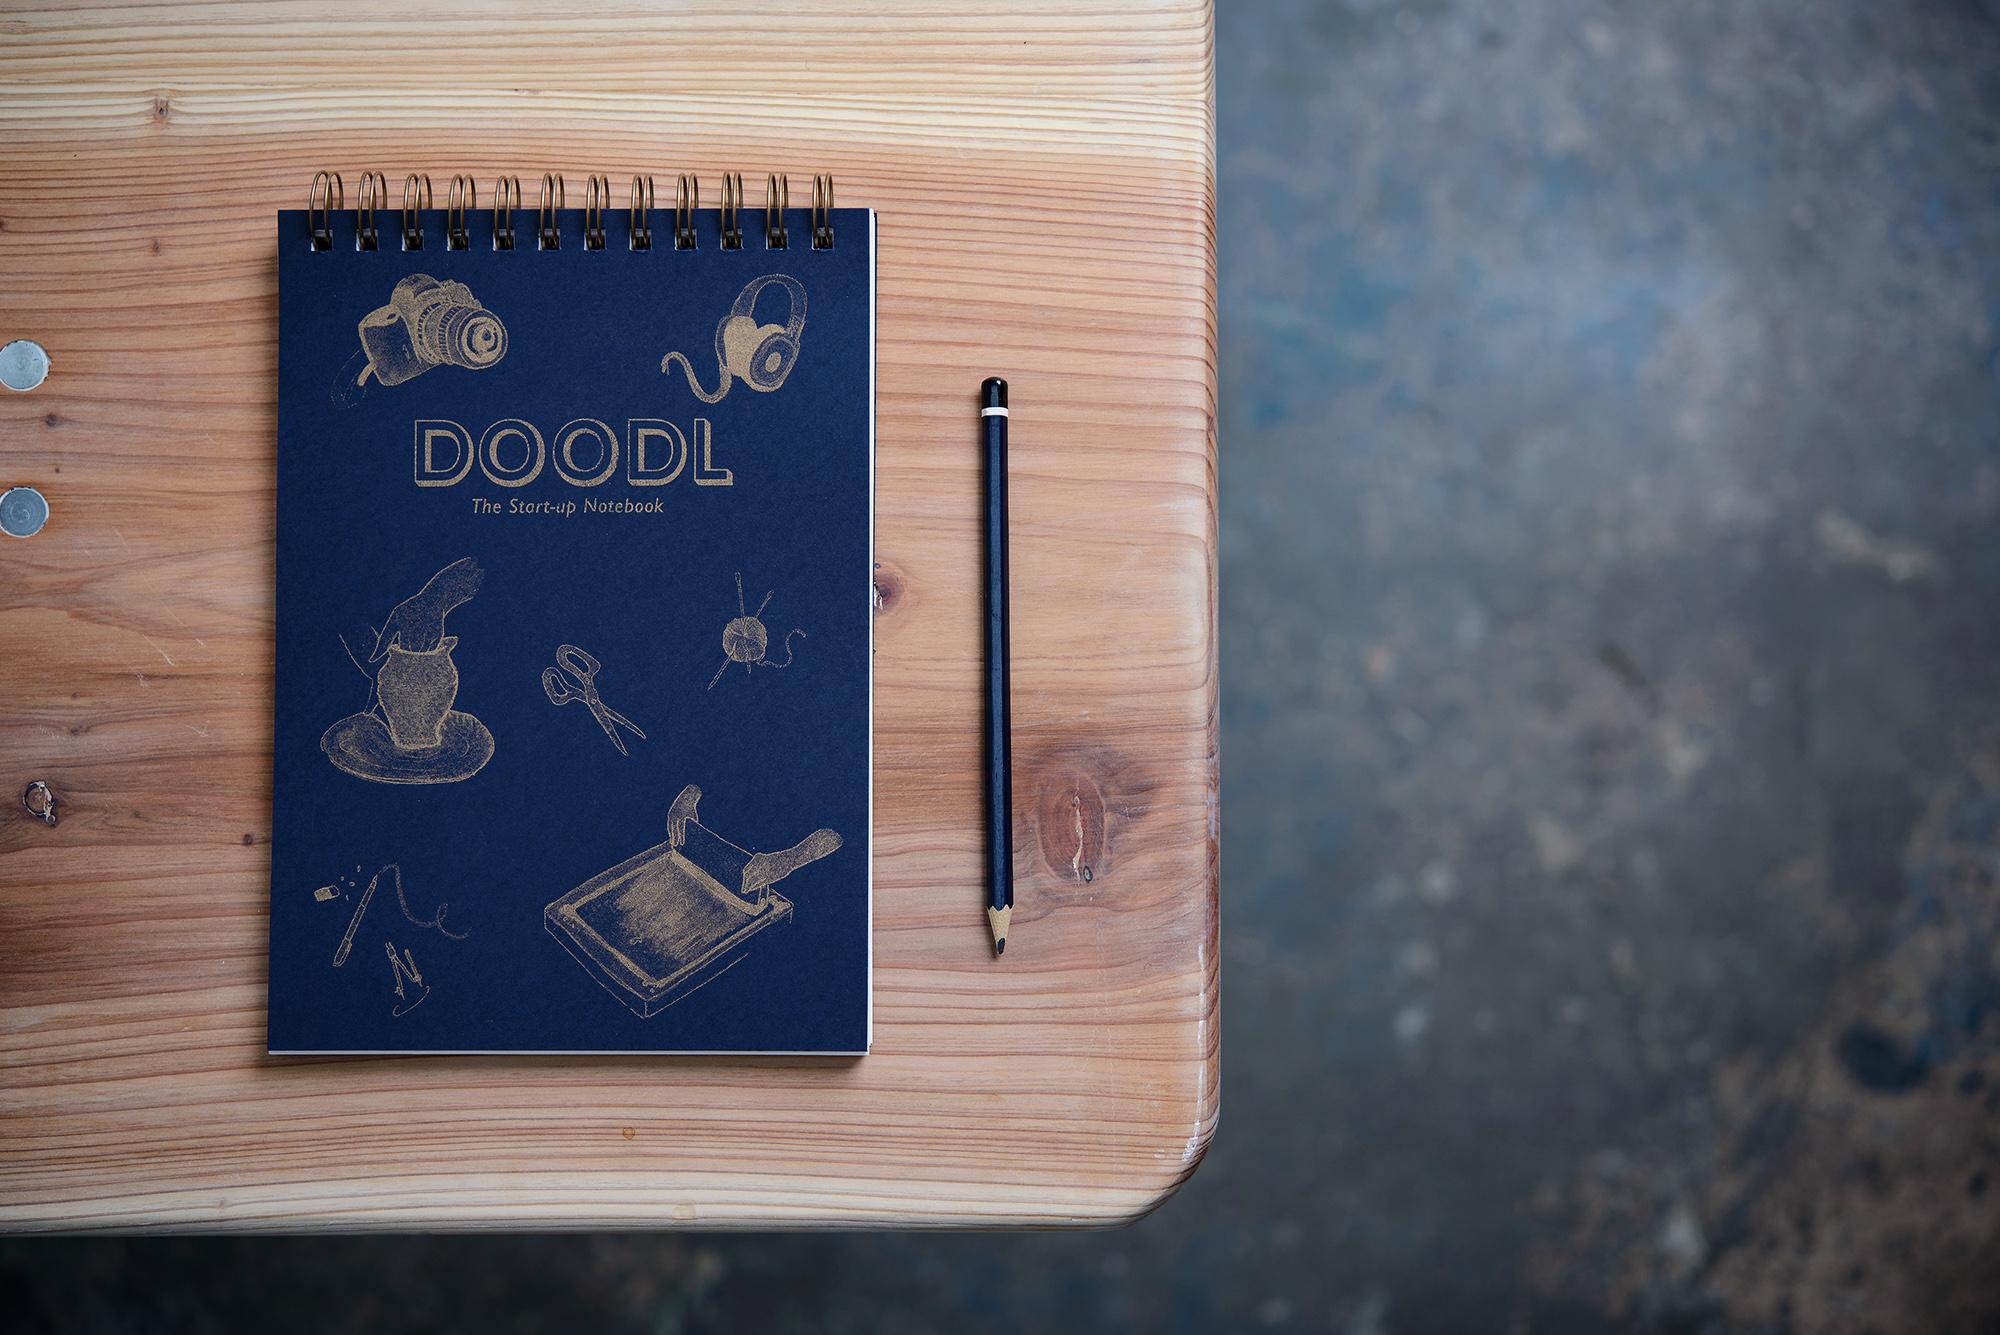 Doodl-Notebook-for-startups-RCF-14.jpg